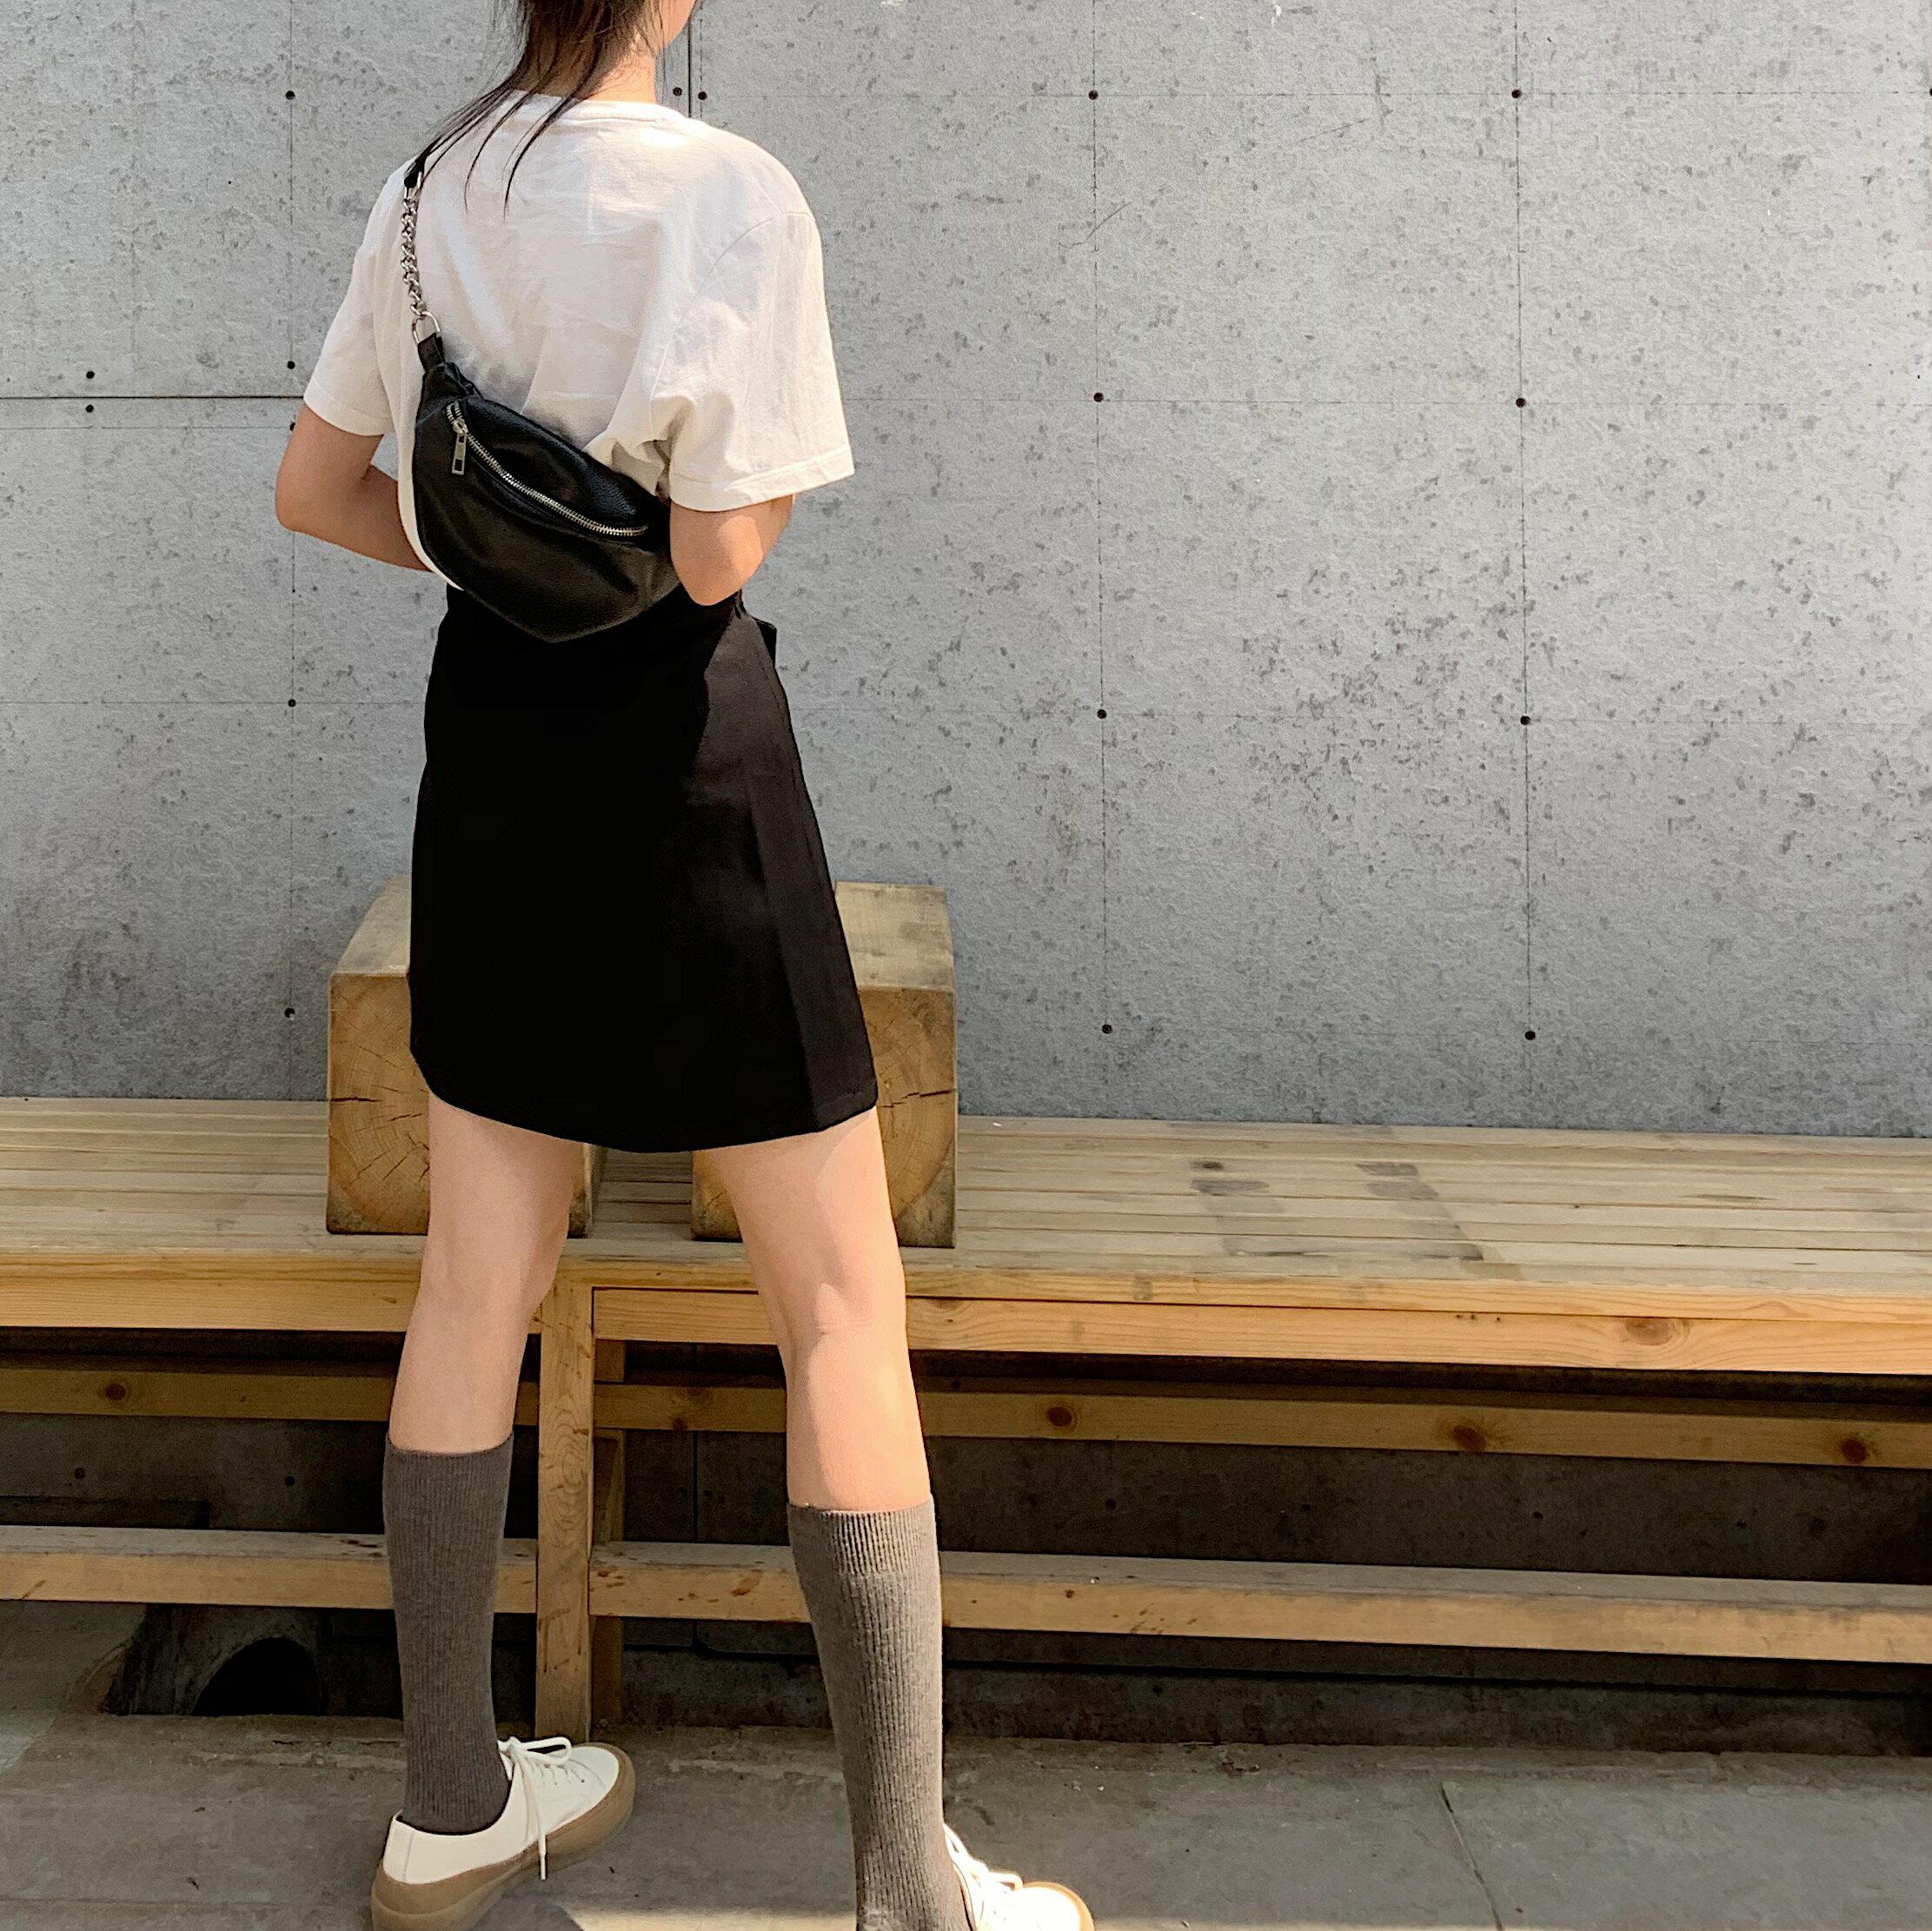 網紅小包包女2020新款潮斜背百搭時尚韓版洋氣胸包少女腰包女 微愛家居